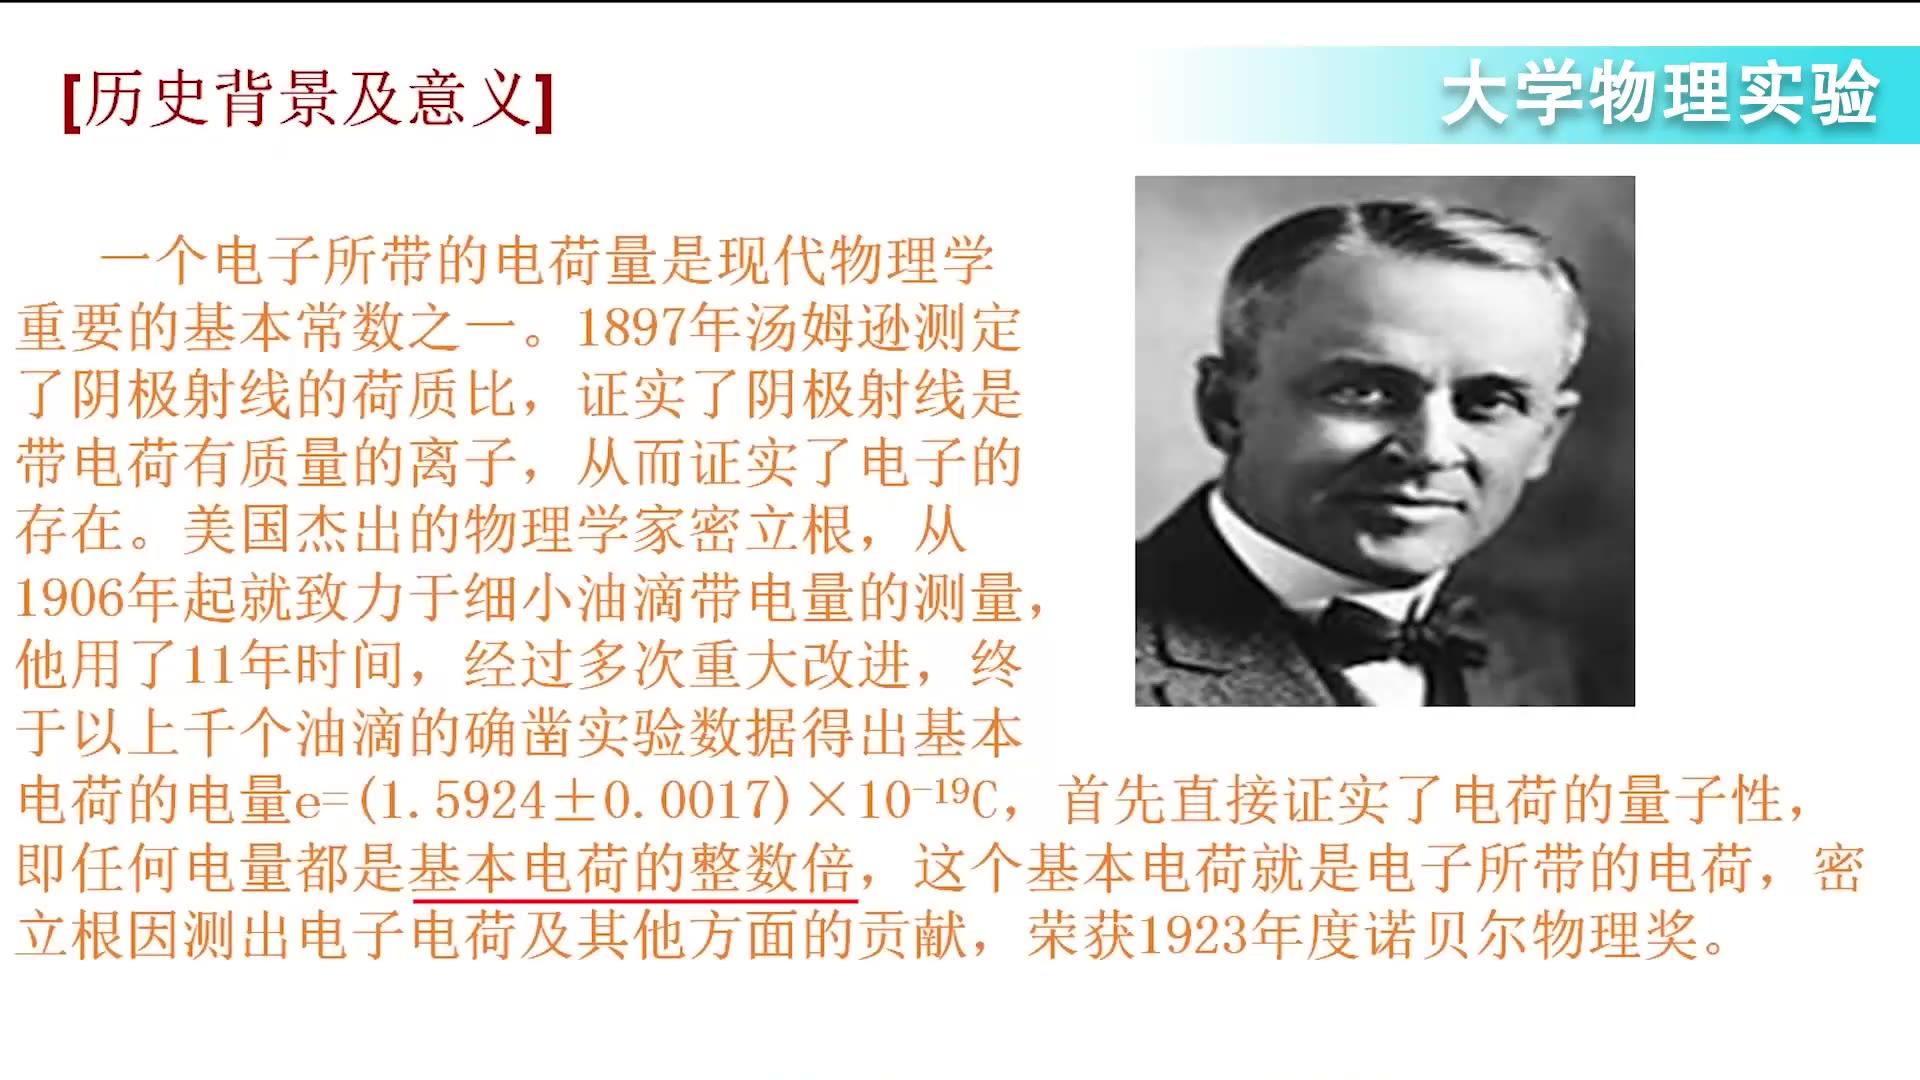 大学物理实验_武汉工程大学_智慧树在线课程